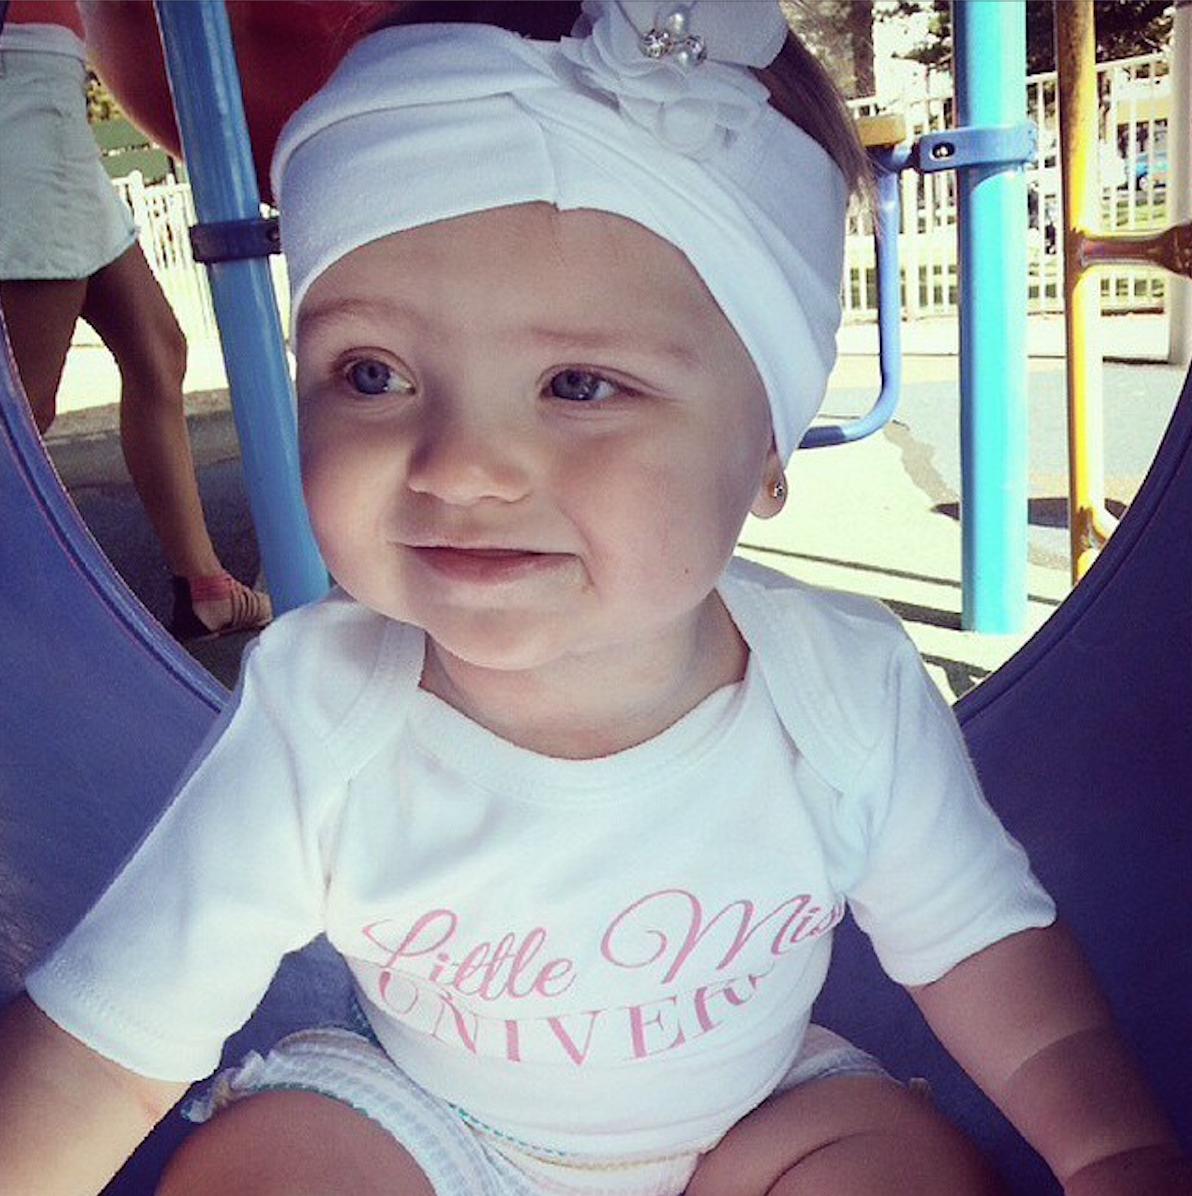 Baby onesie design request - Little Miss Universe